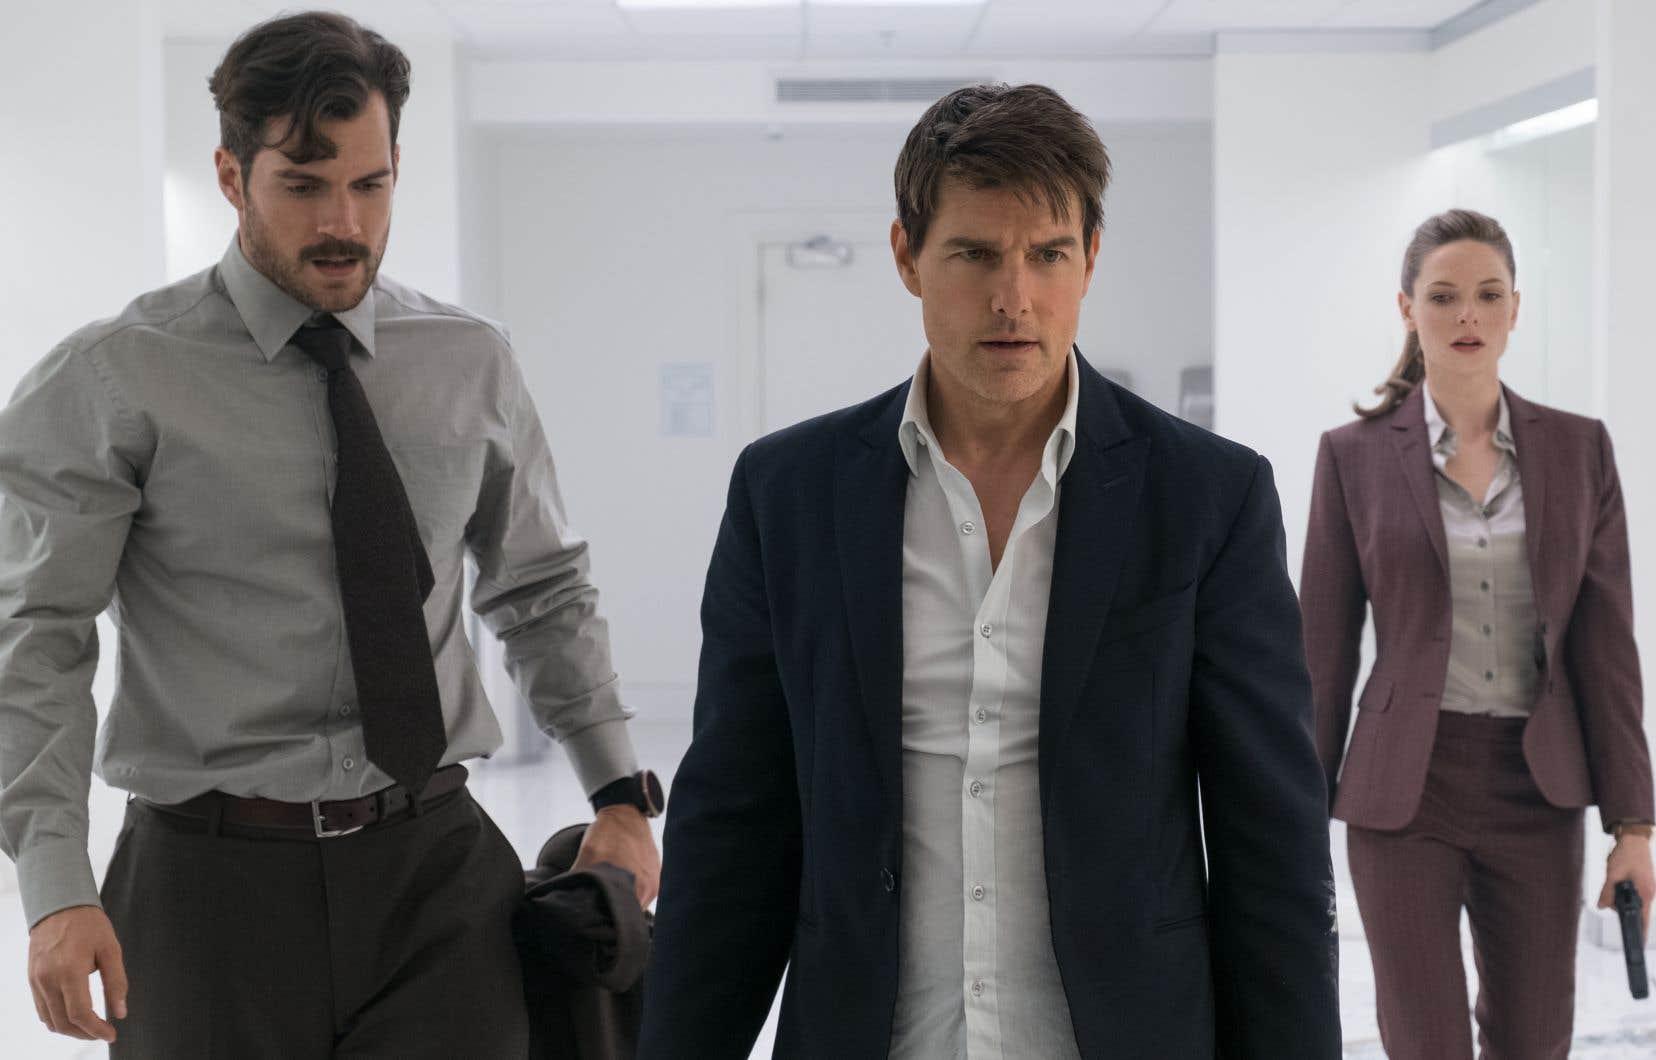 Tom Cruise, roi de la cascade, demeure placide autant dans les scènes d'émotion que dans celles où son personnage séduit nombre de jeunes femmes.